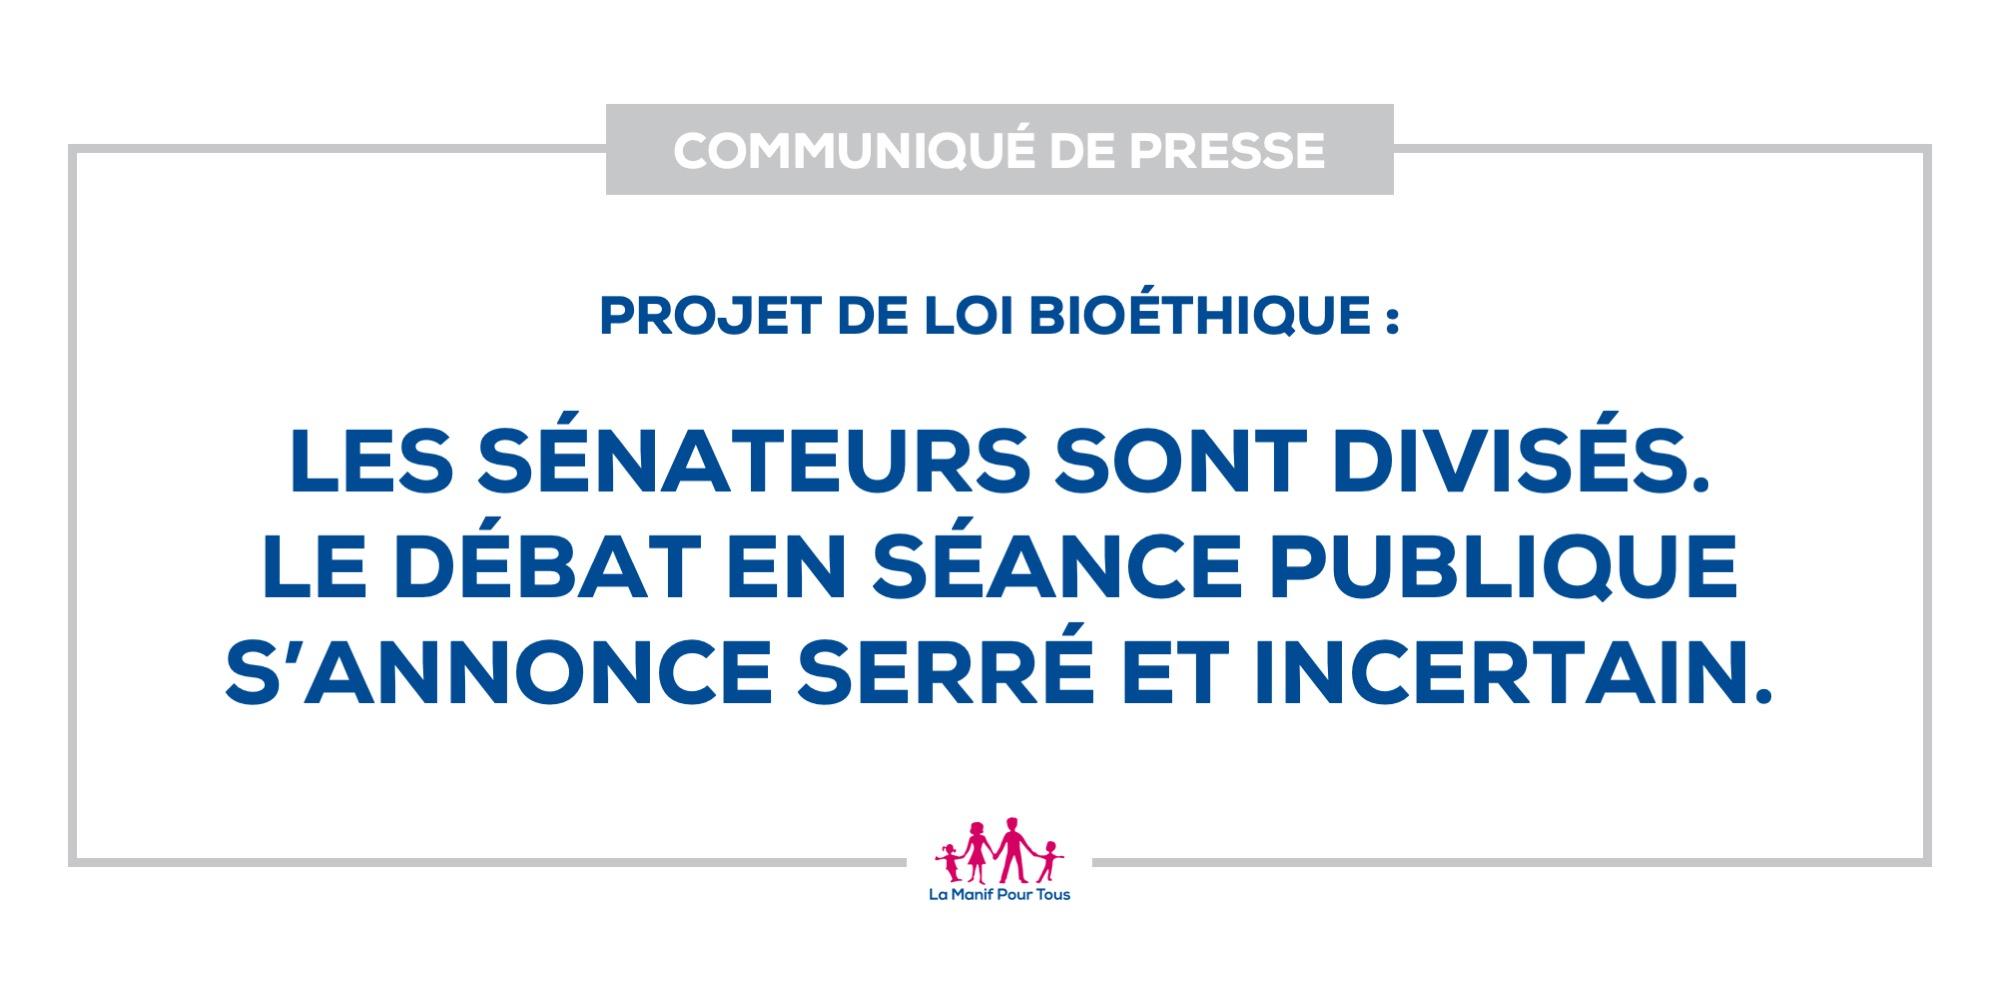 Image - Communiqué – Projet de loi bioéthique : les sénateurs sont divisés. Le débat en séance publique s'annonce serré et incertain.